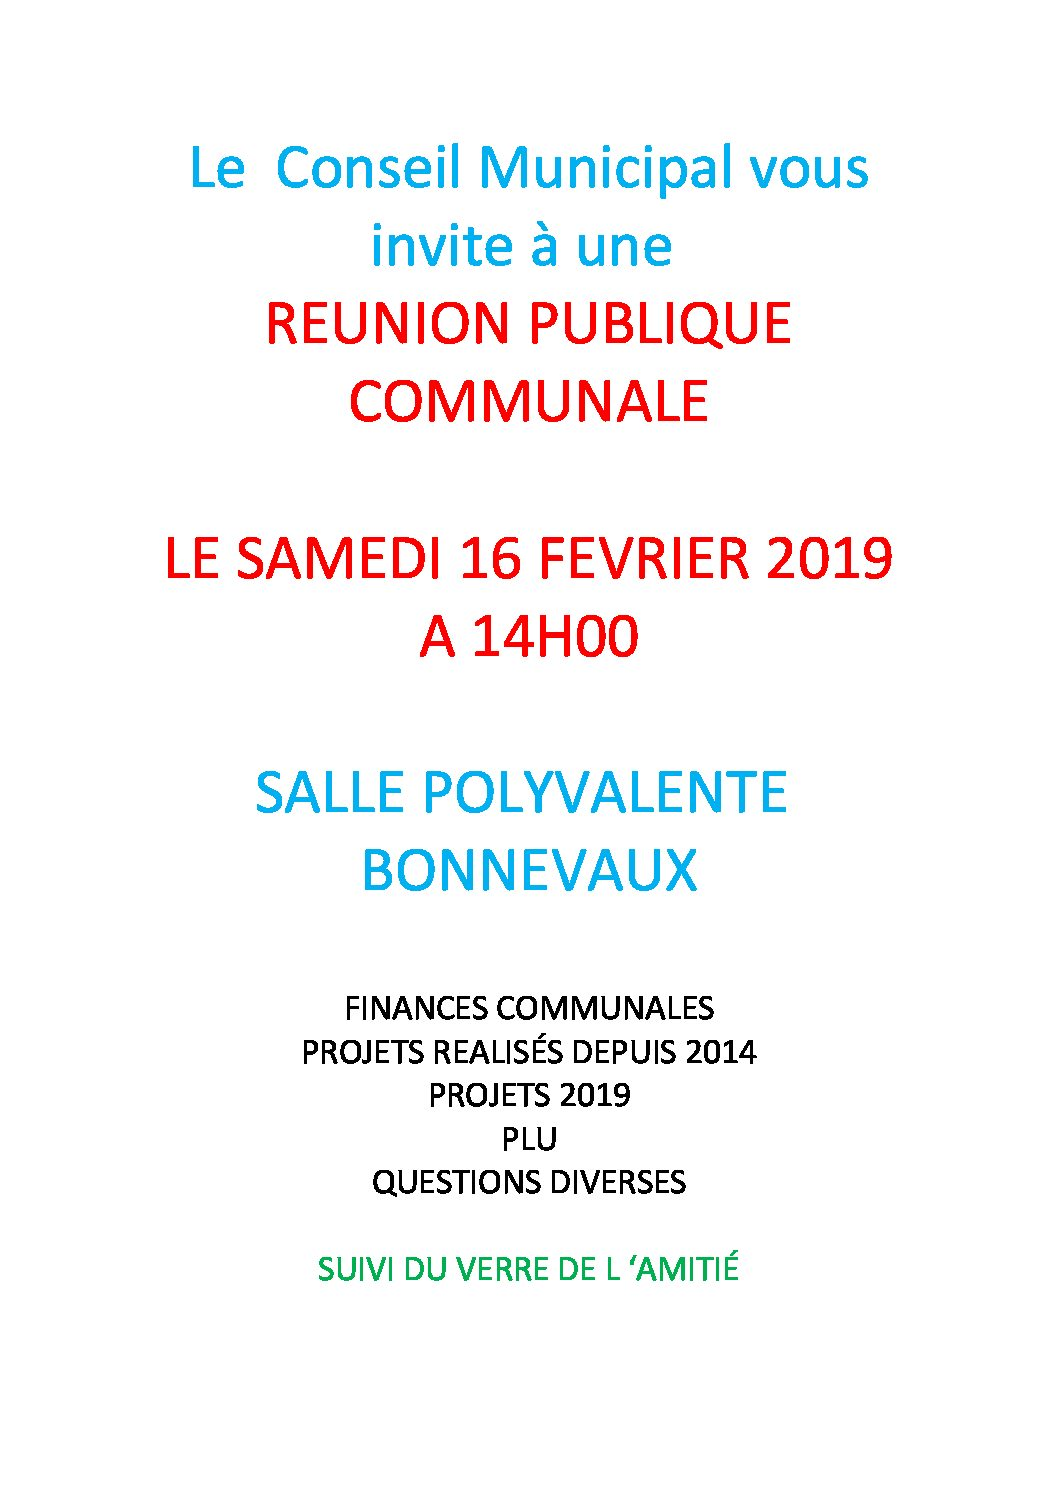 RÉUNION PUBLIQUE COMMUNALE – le samedi 16 février à 14h00